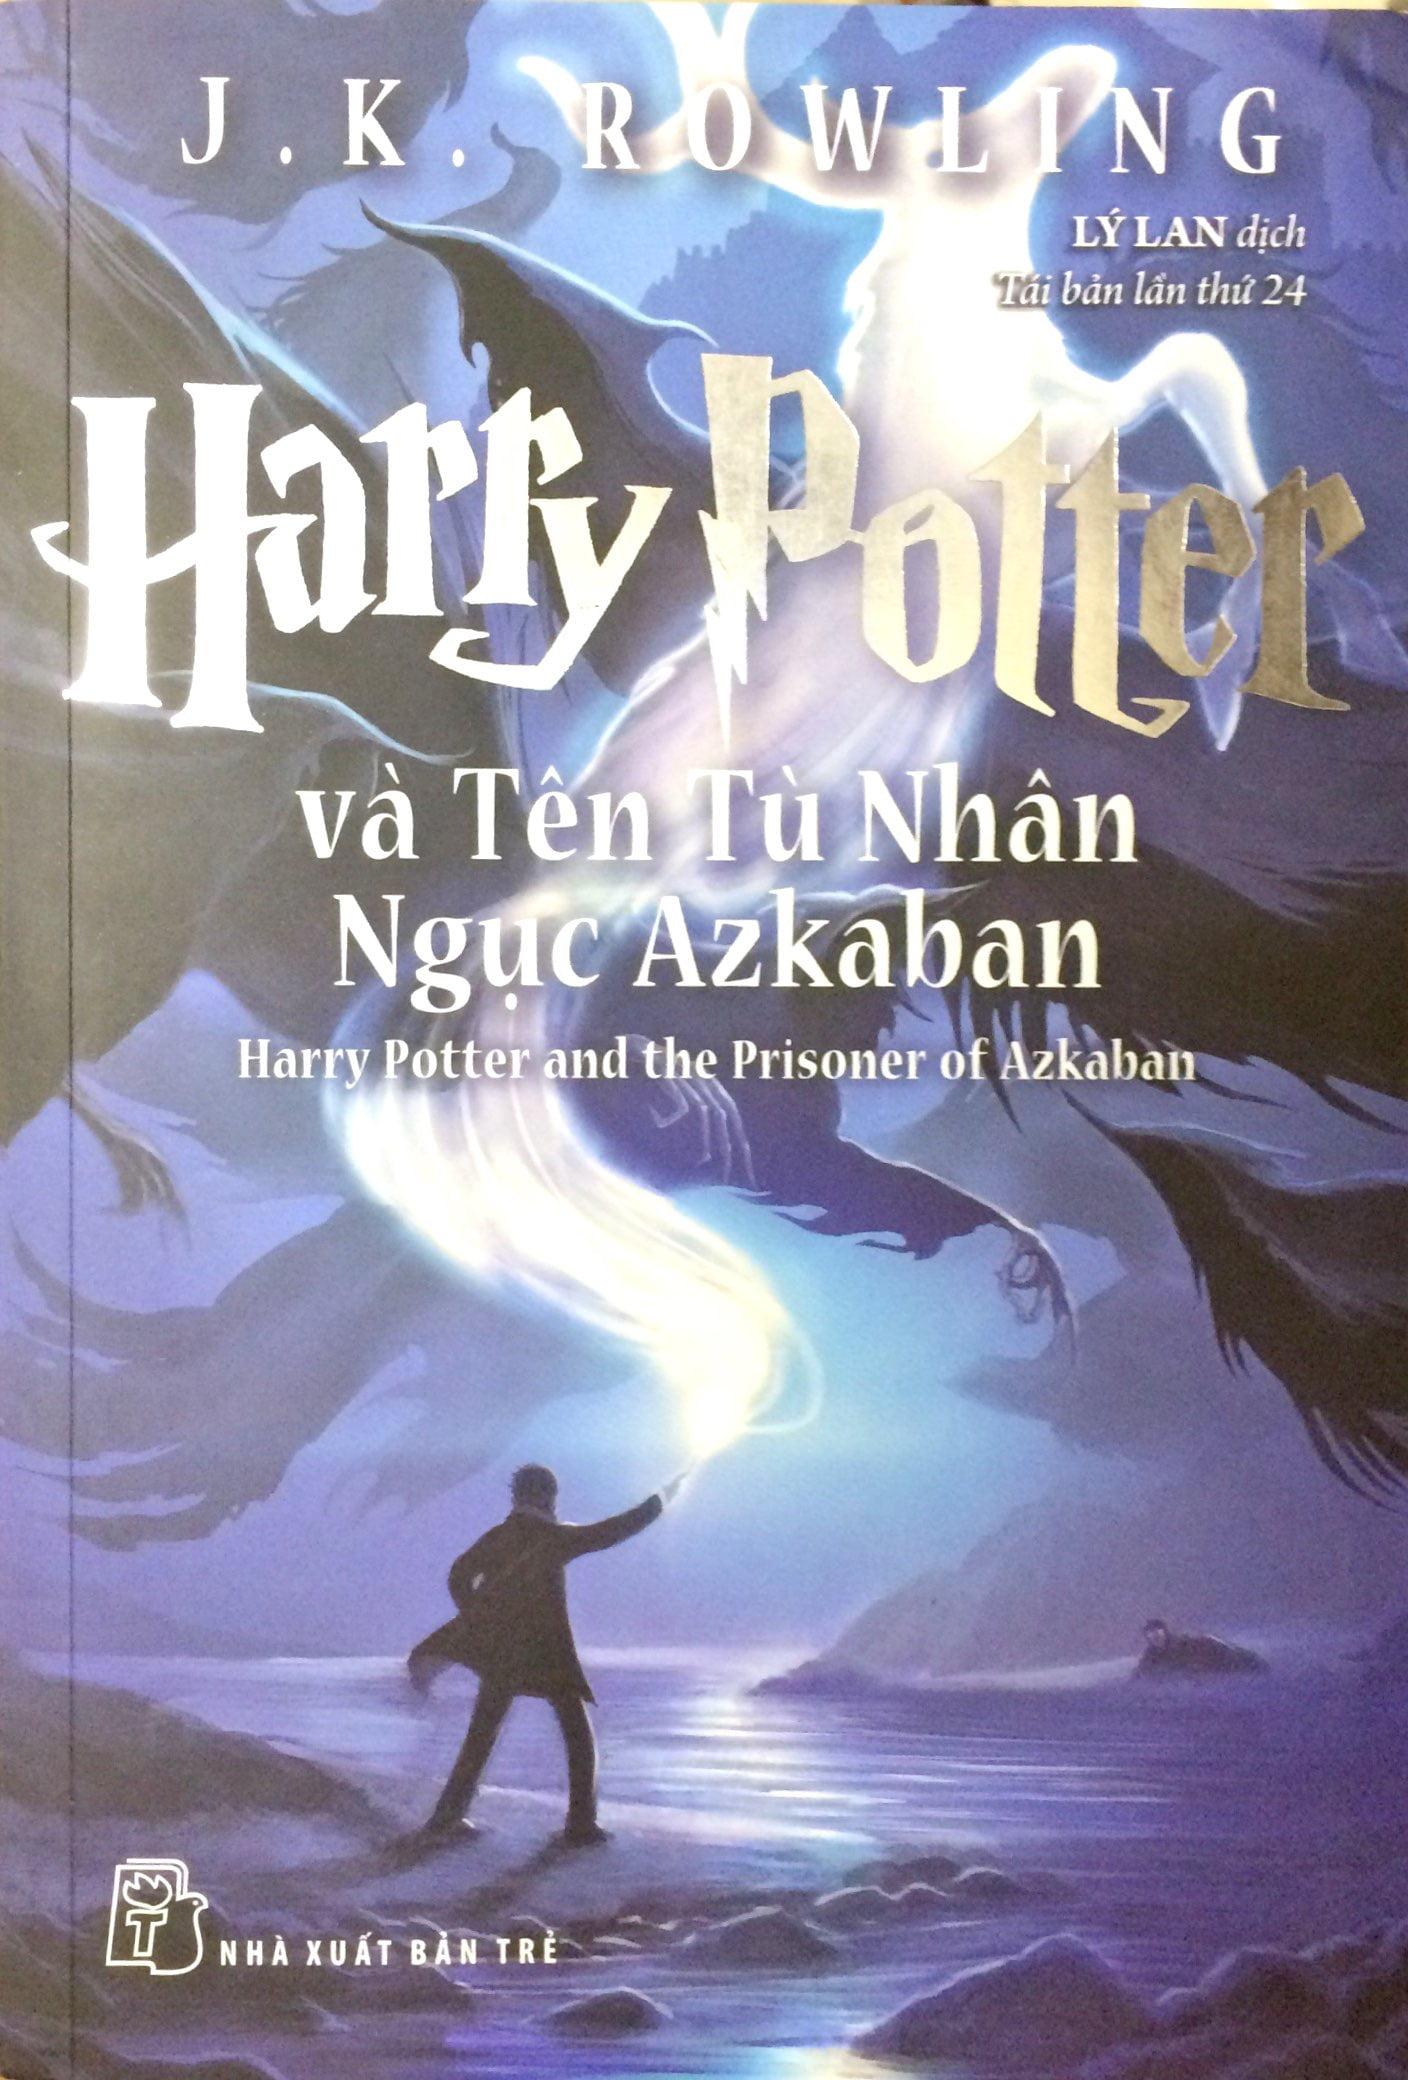 Fahasa - Harry Potter Và Tên Tù Nhân Ngục Azkaban - Tập 3 (Tái Bản 2017) Giá Siêu Rẻ